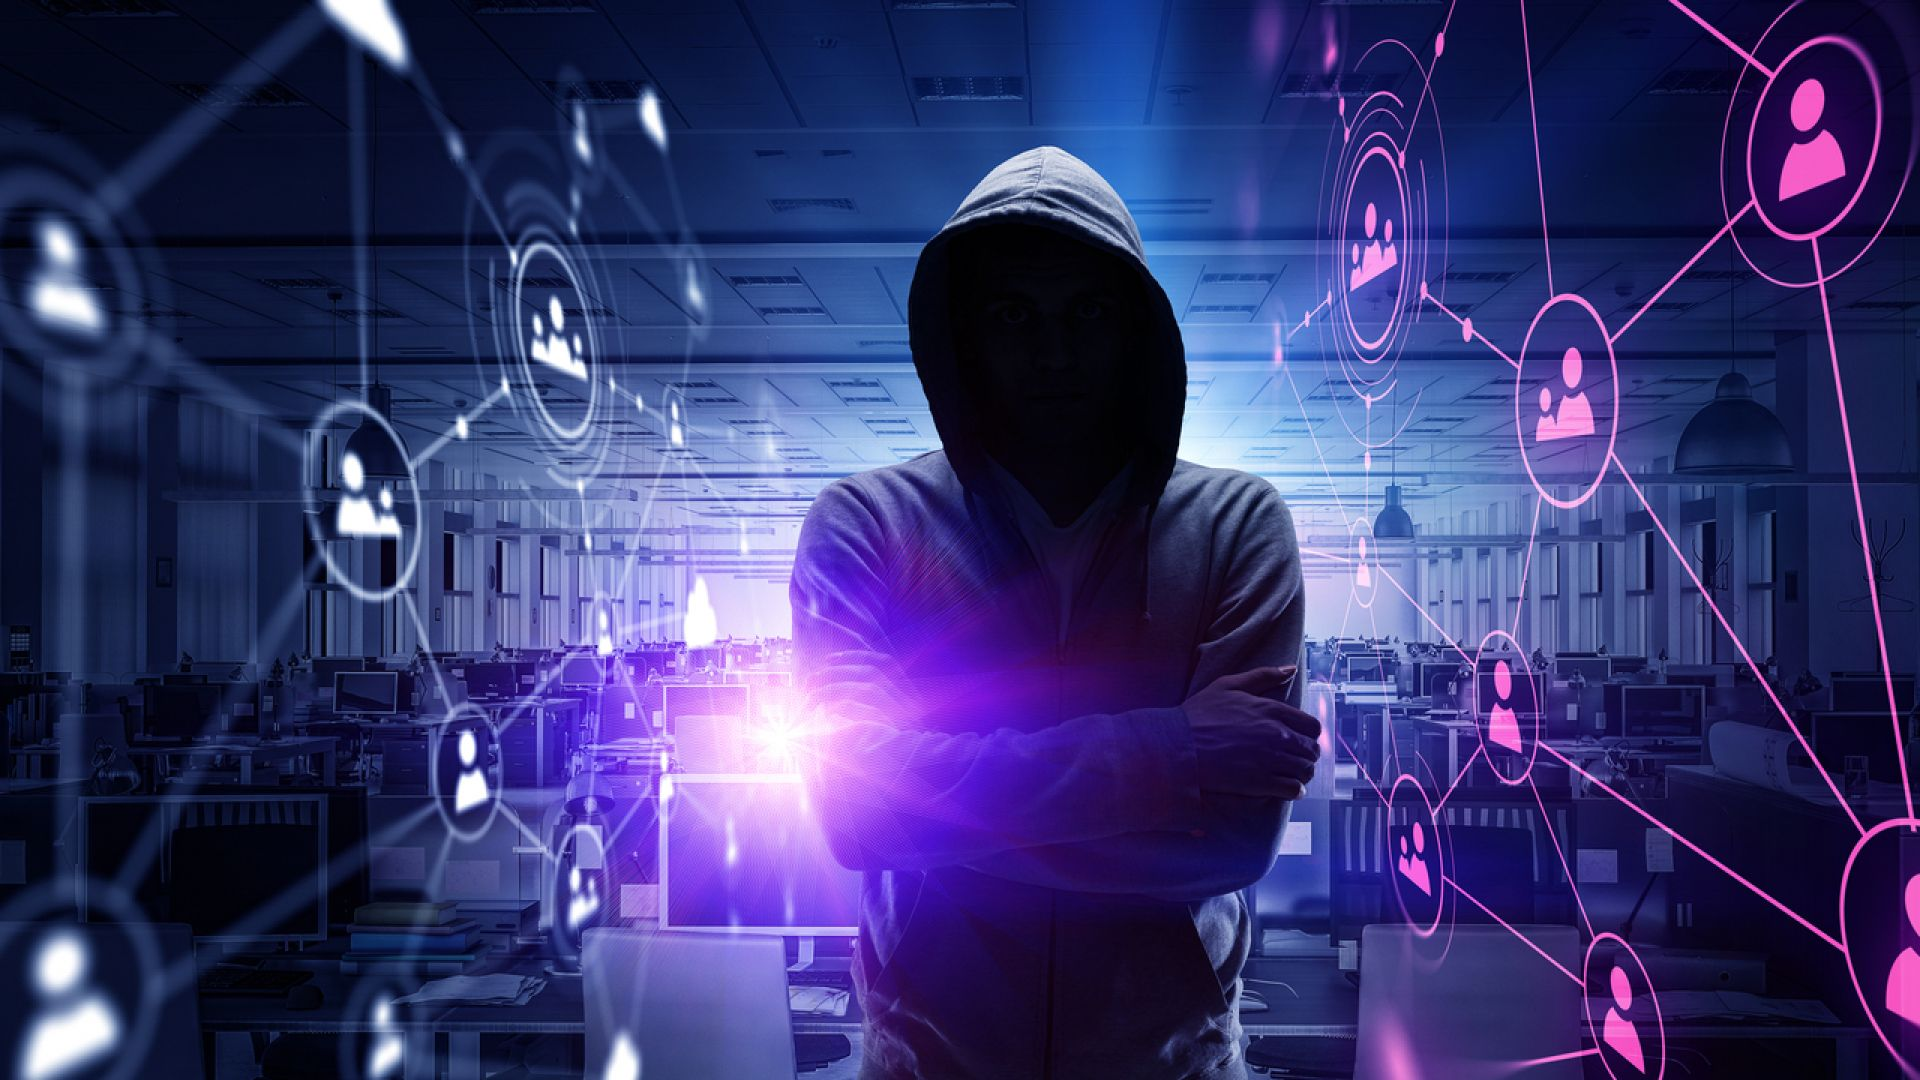 В darkweb могат да се намерят 15 милиарда откраднати акаунти